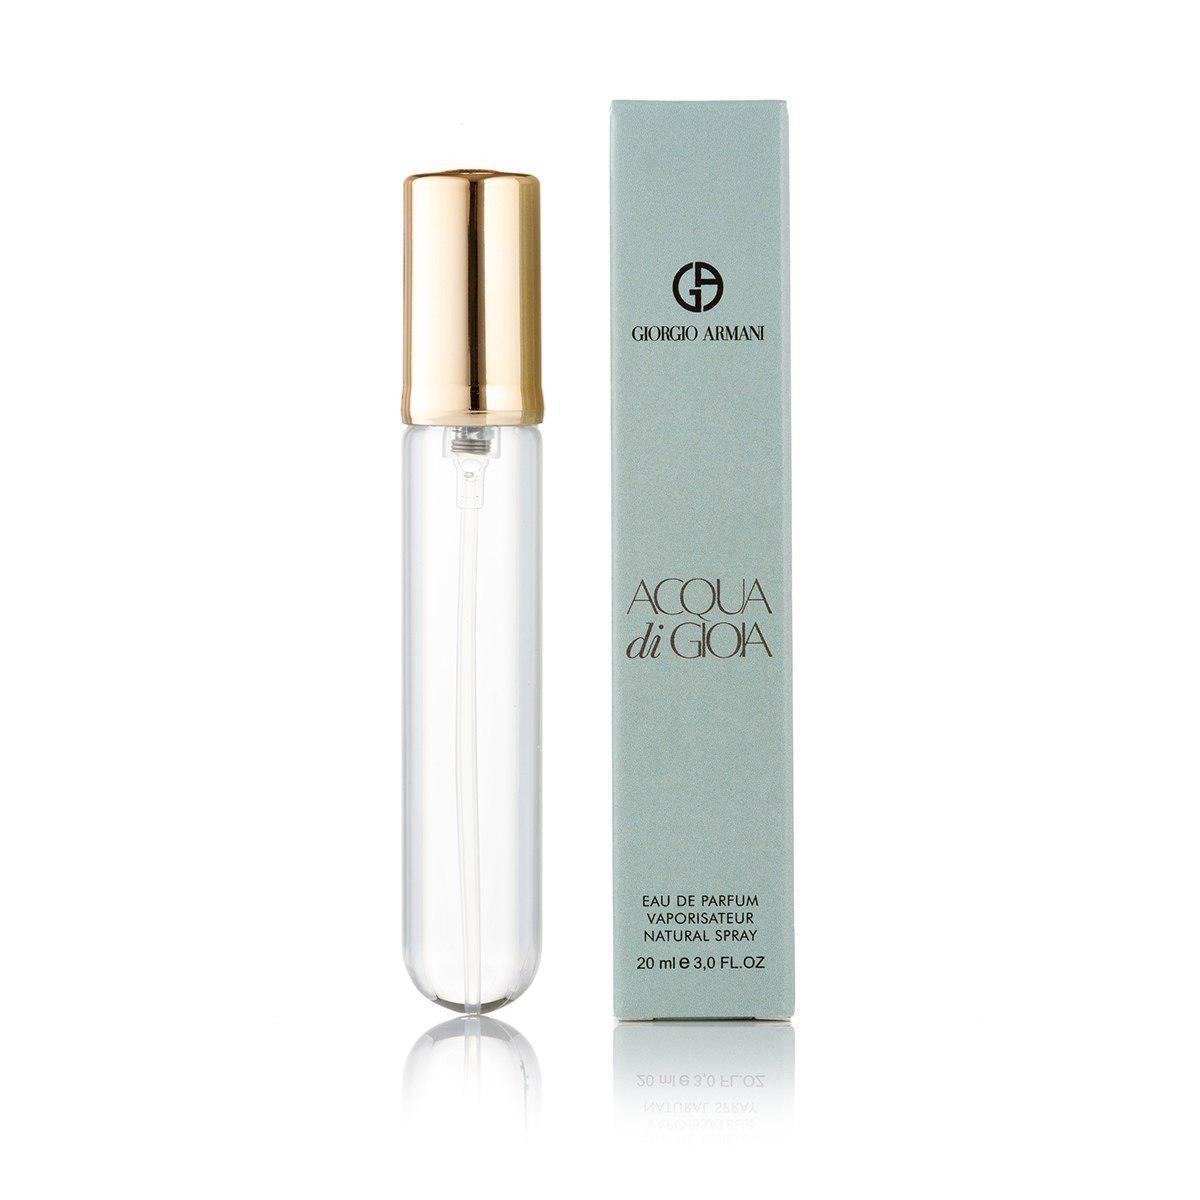 Мини парфюм Giorgio Armani Acqua di Gioia для женщин - 20 мл